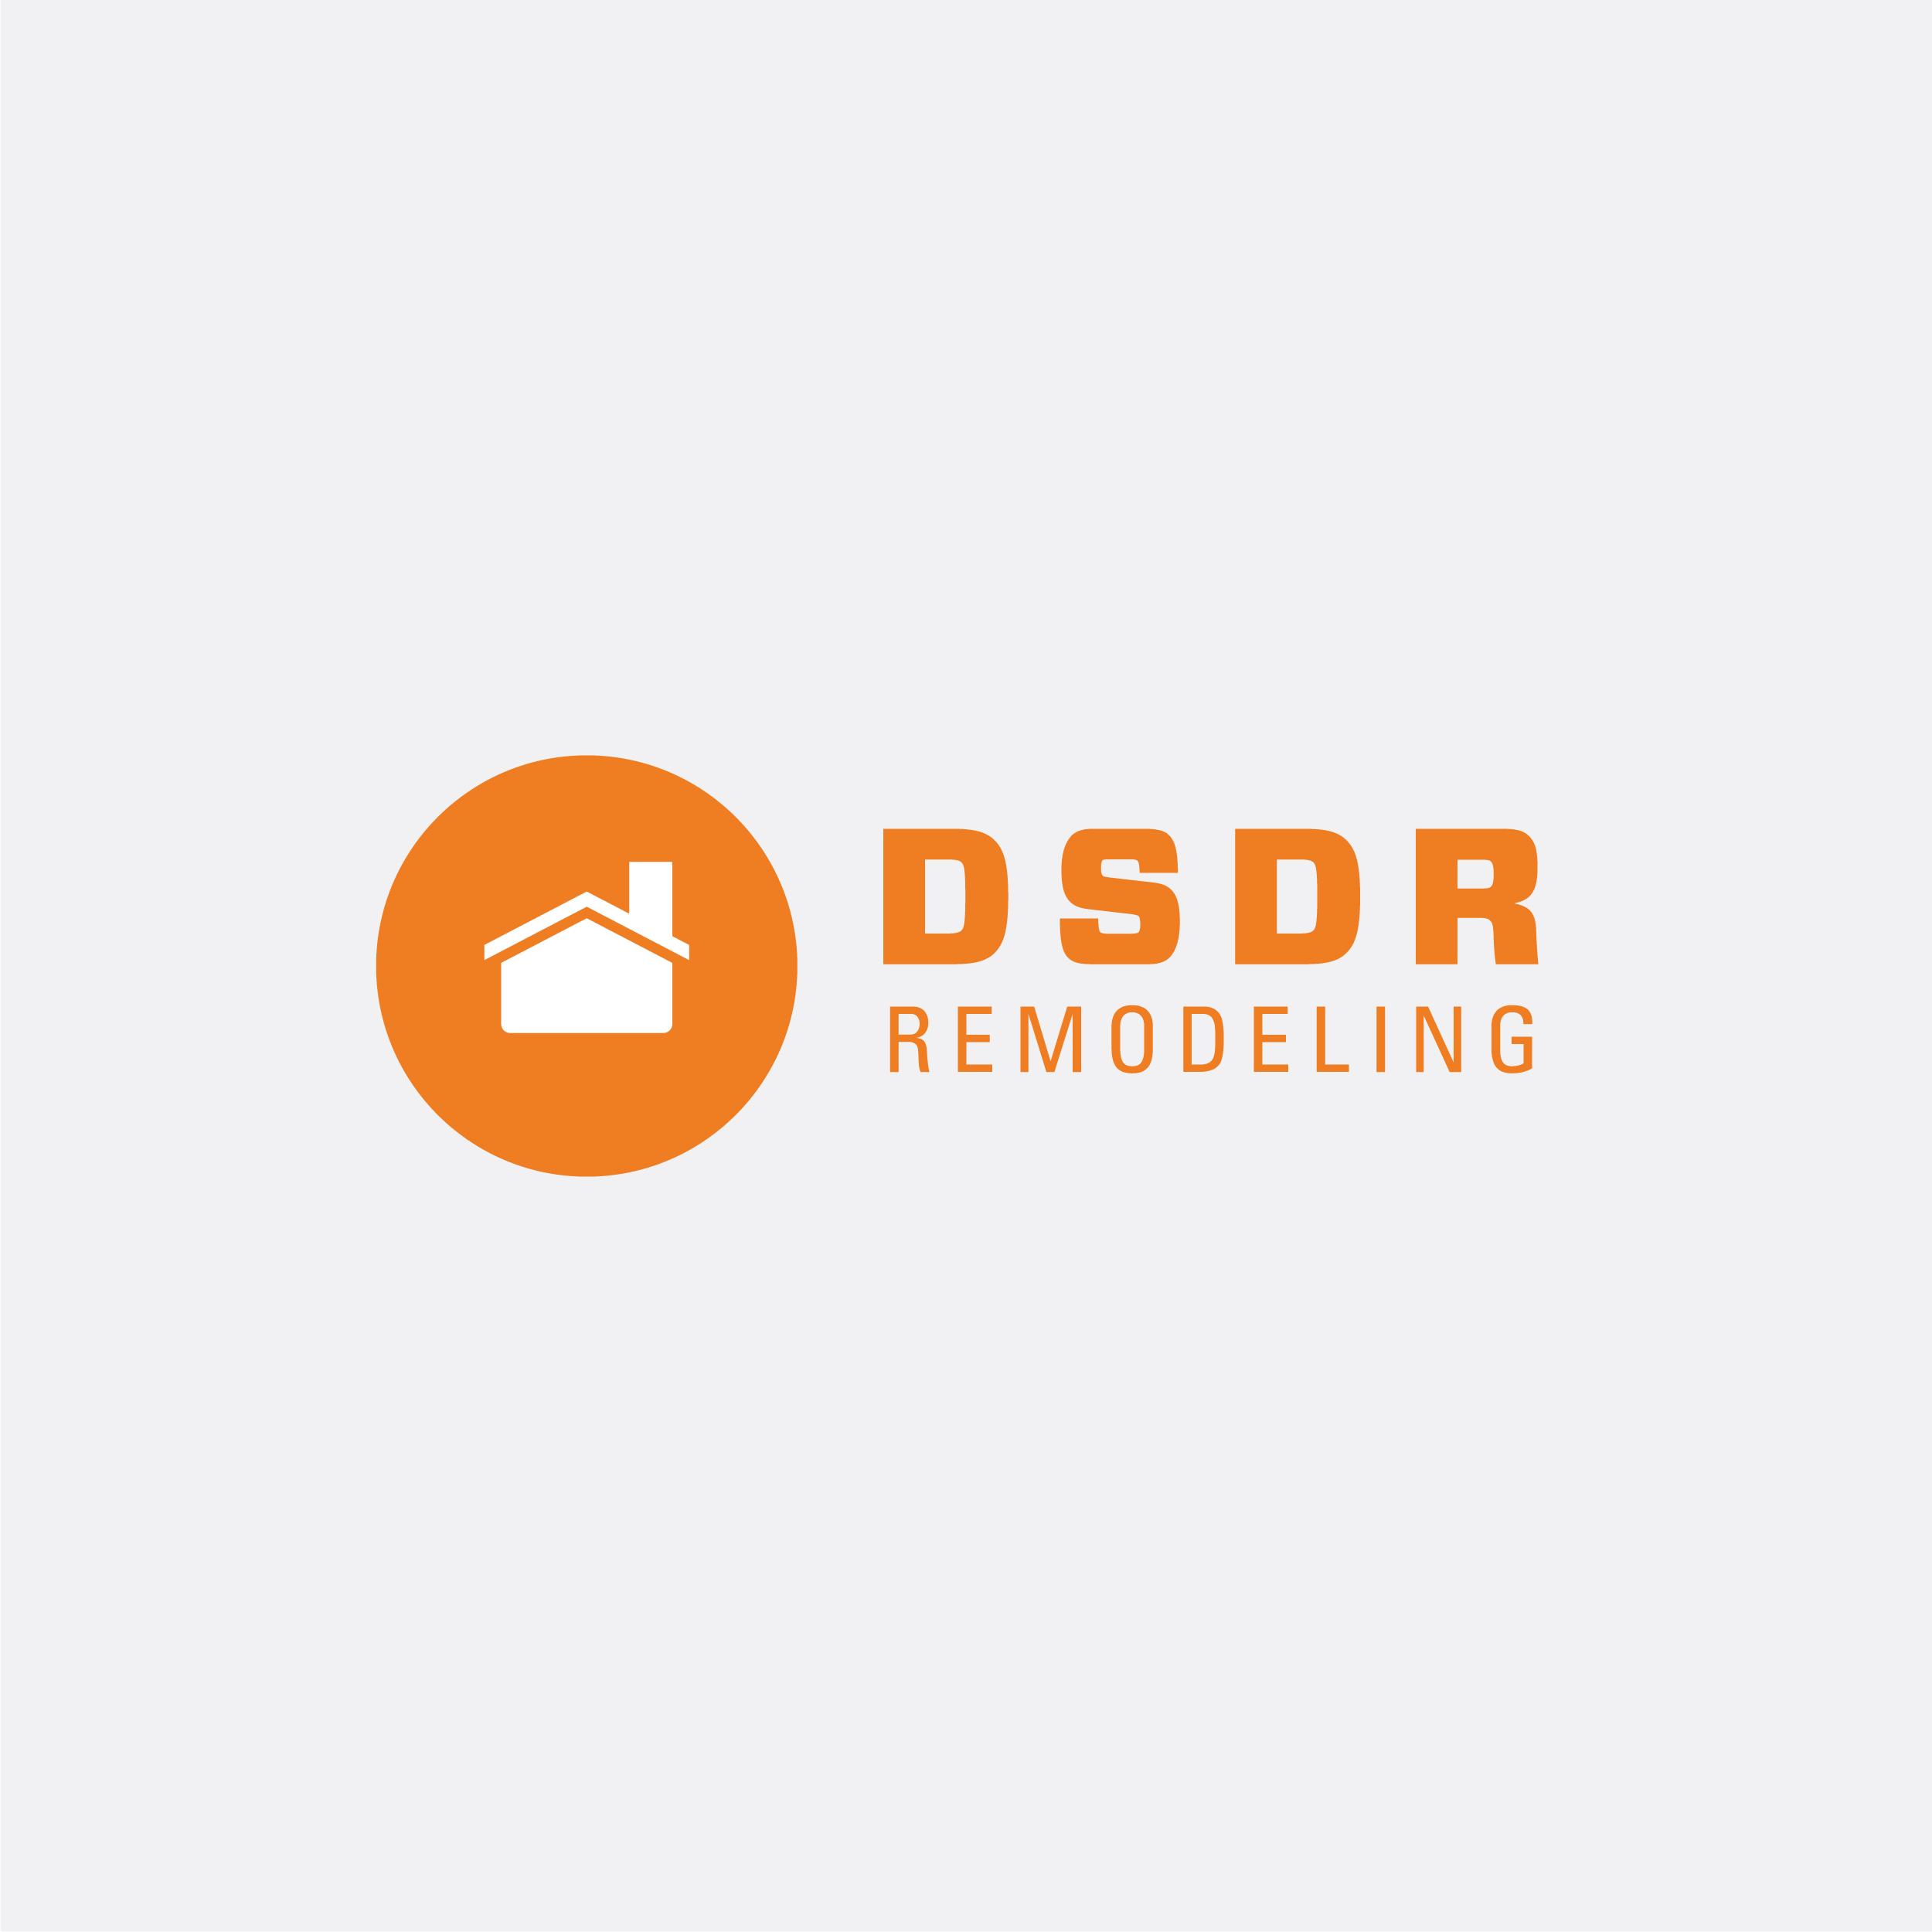 DSDR Remodeling: Dead Logo Concepts